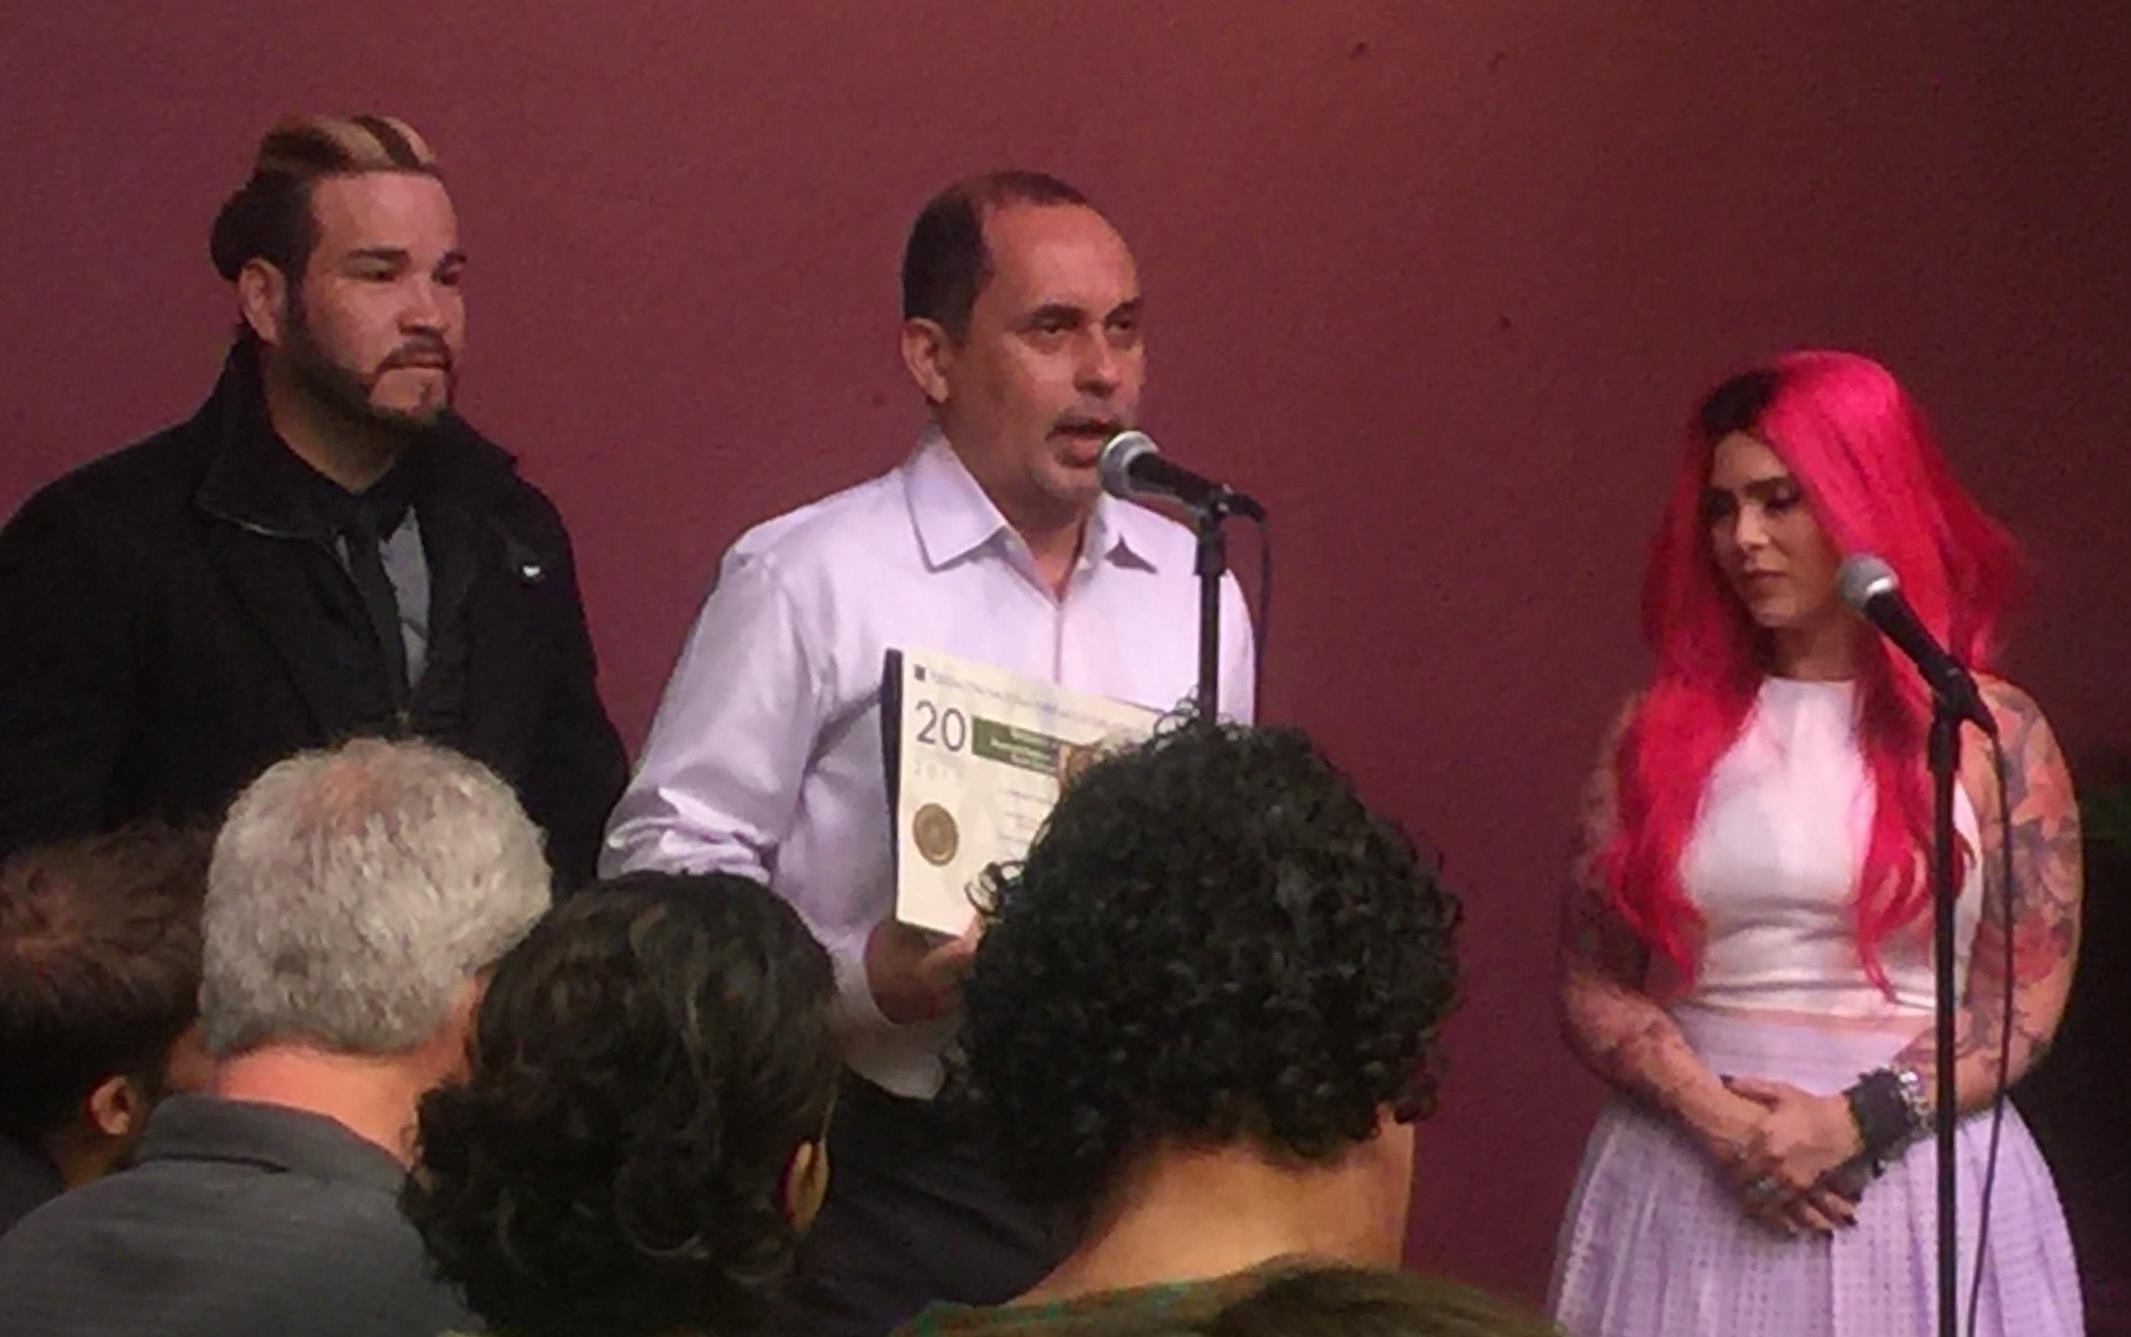 Humberto Ramírez fue distinguido por su producción con Oscar Cartaya. (Foto Alina Marrero para Fundación Nacional para la Cultura Popular)